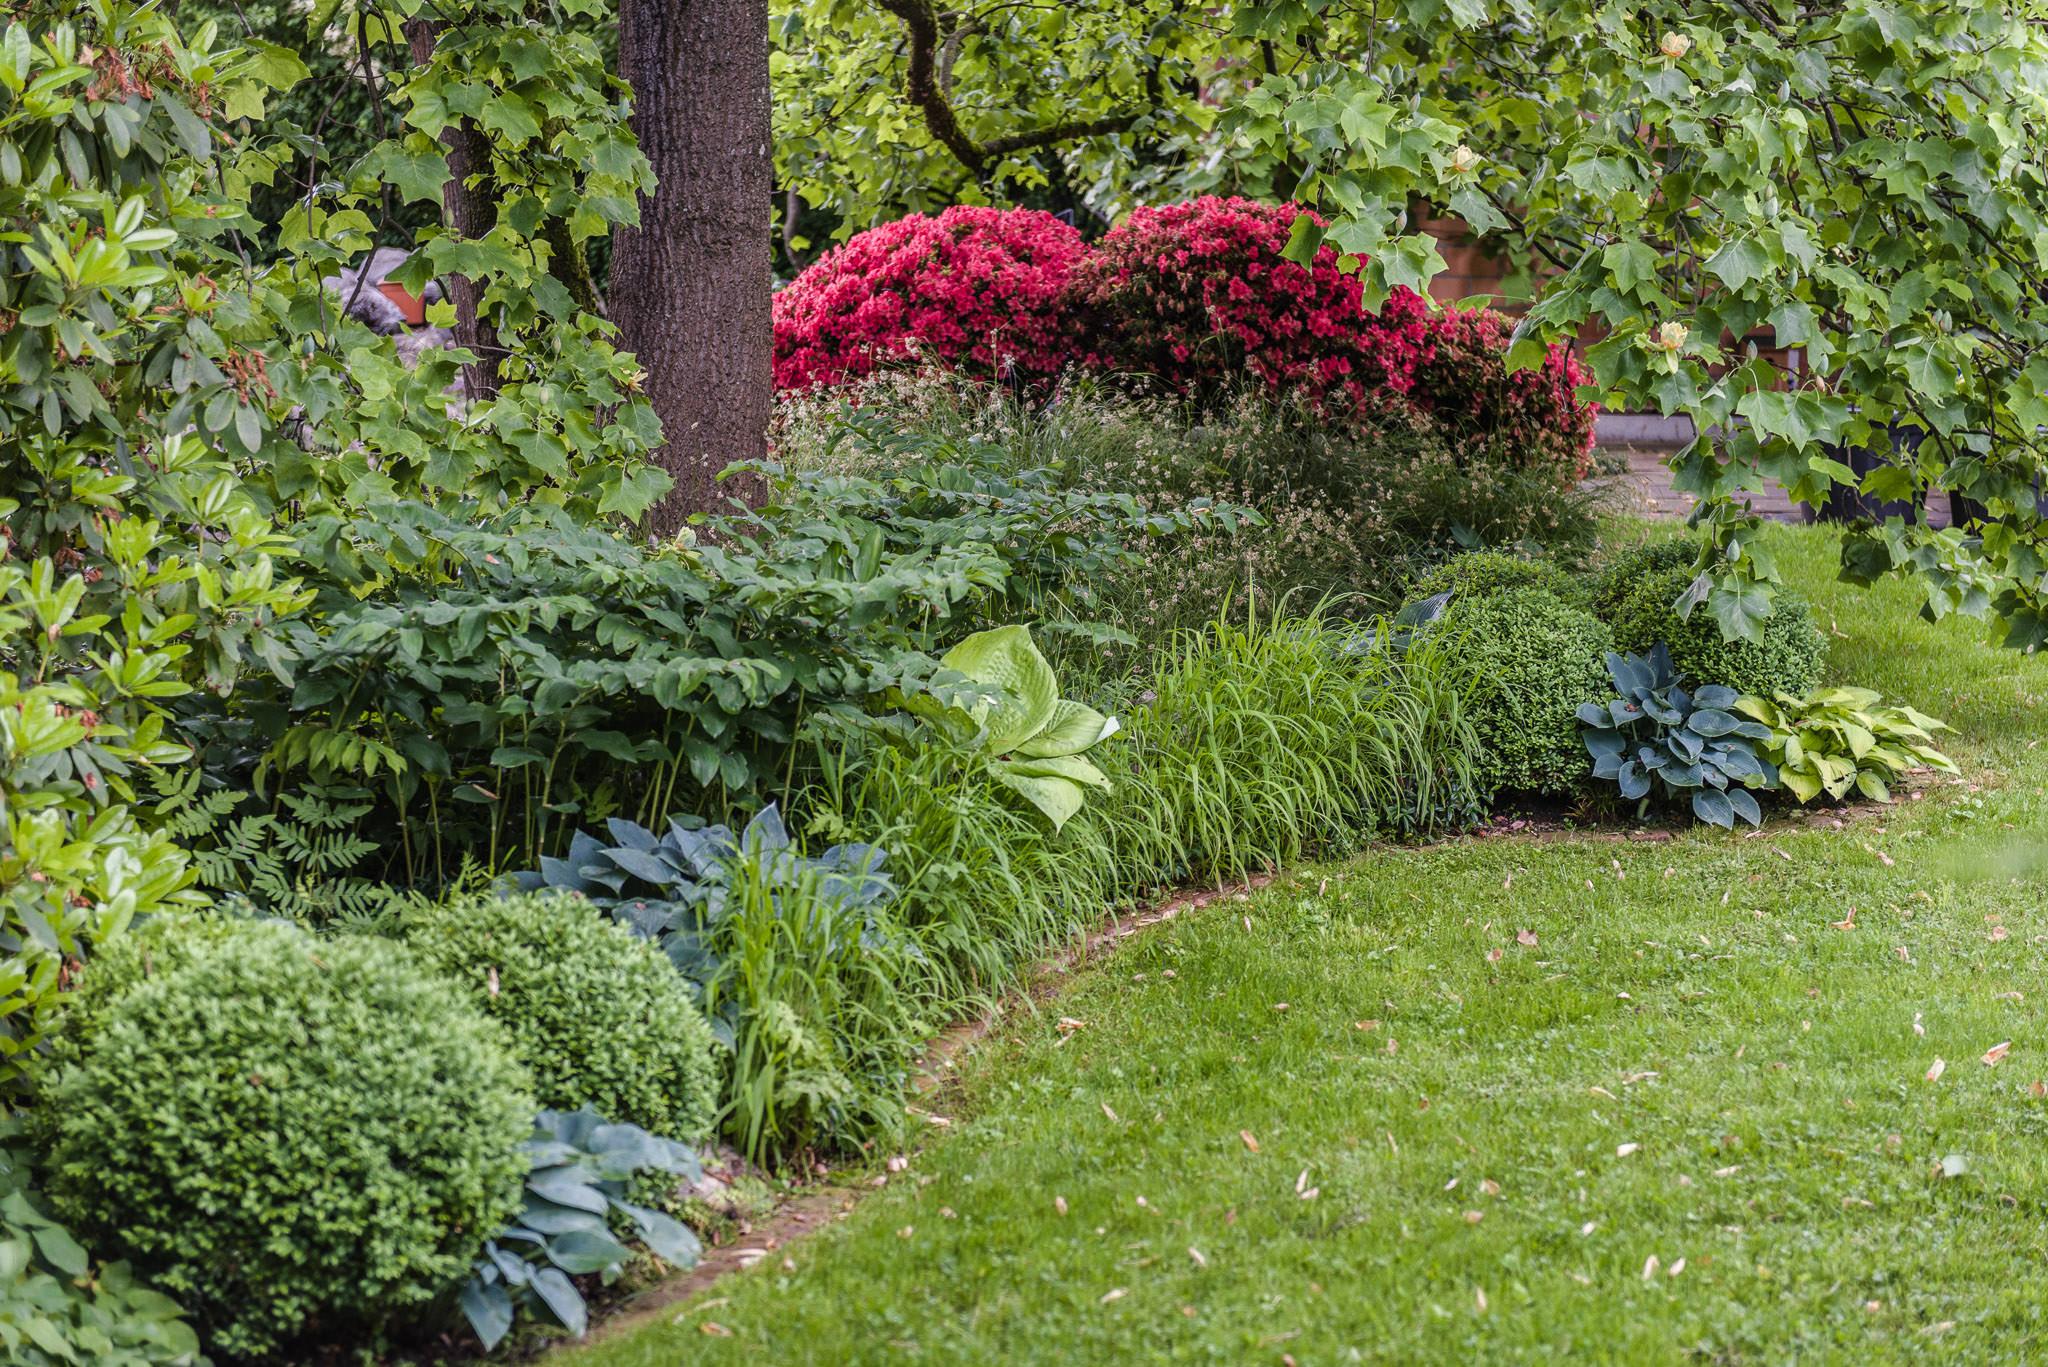 Englischer garten terza natura gartenjuweliere for Gartengestaltung rhododendron